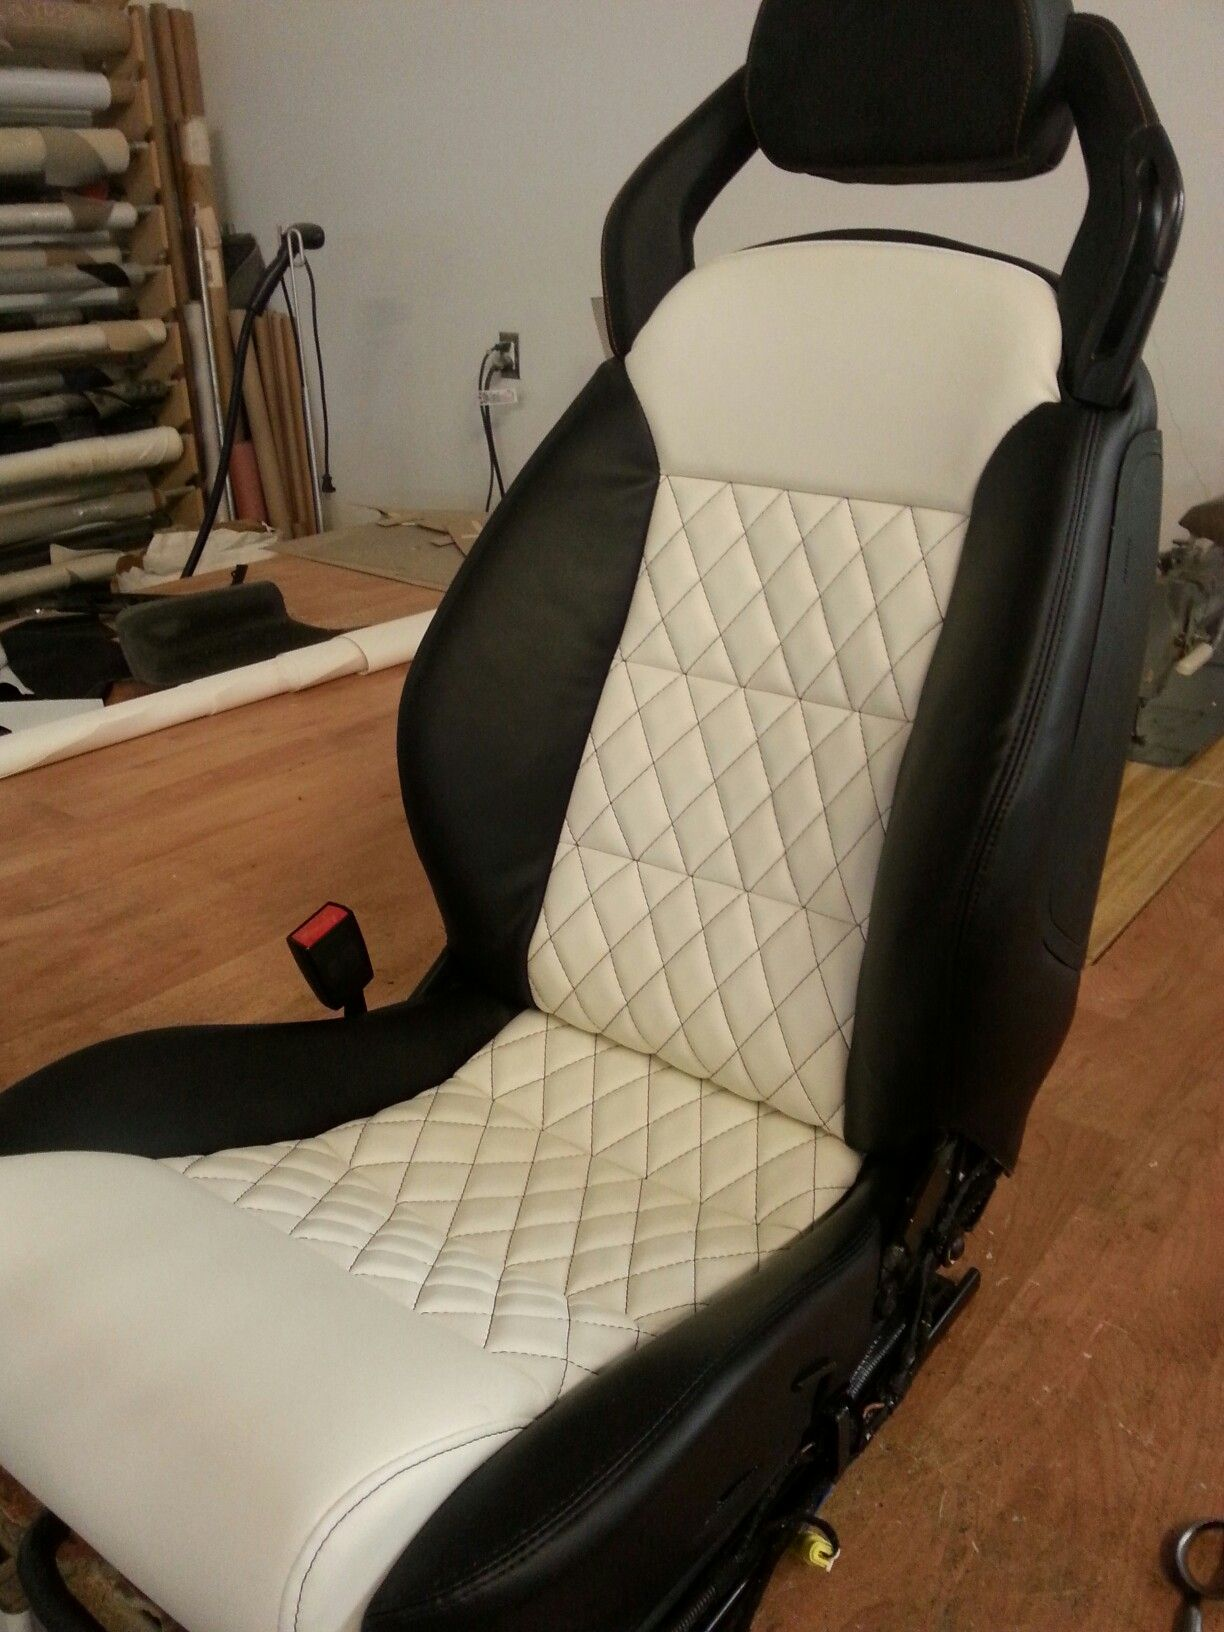 Lamborghini Seats With The Popular Tuxedo Look Automotive Interior Car Interior Interior Details